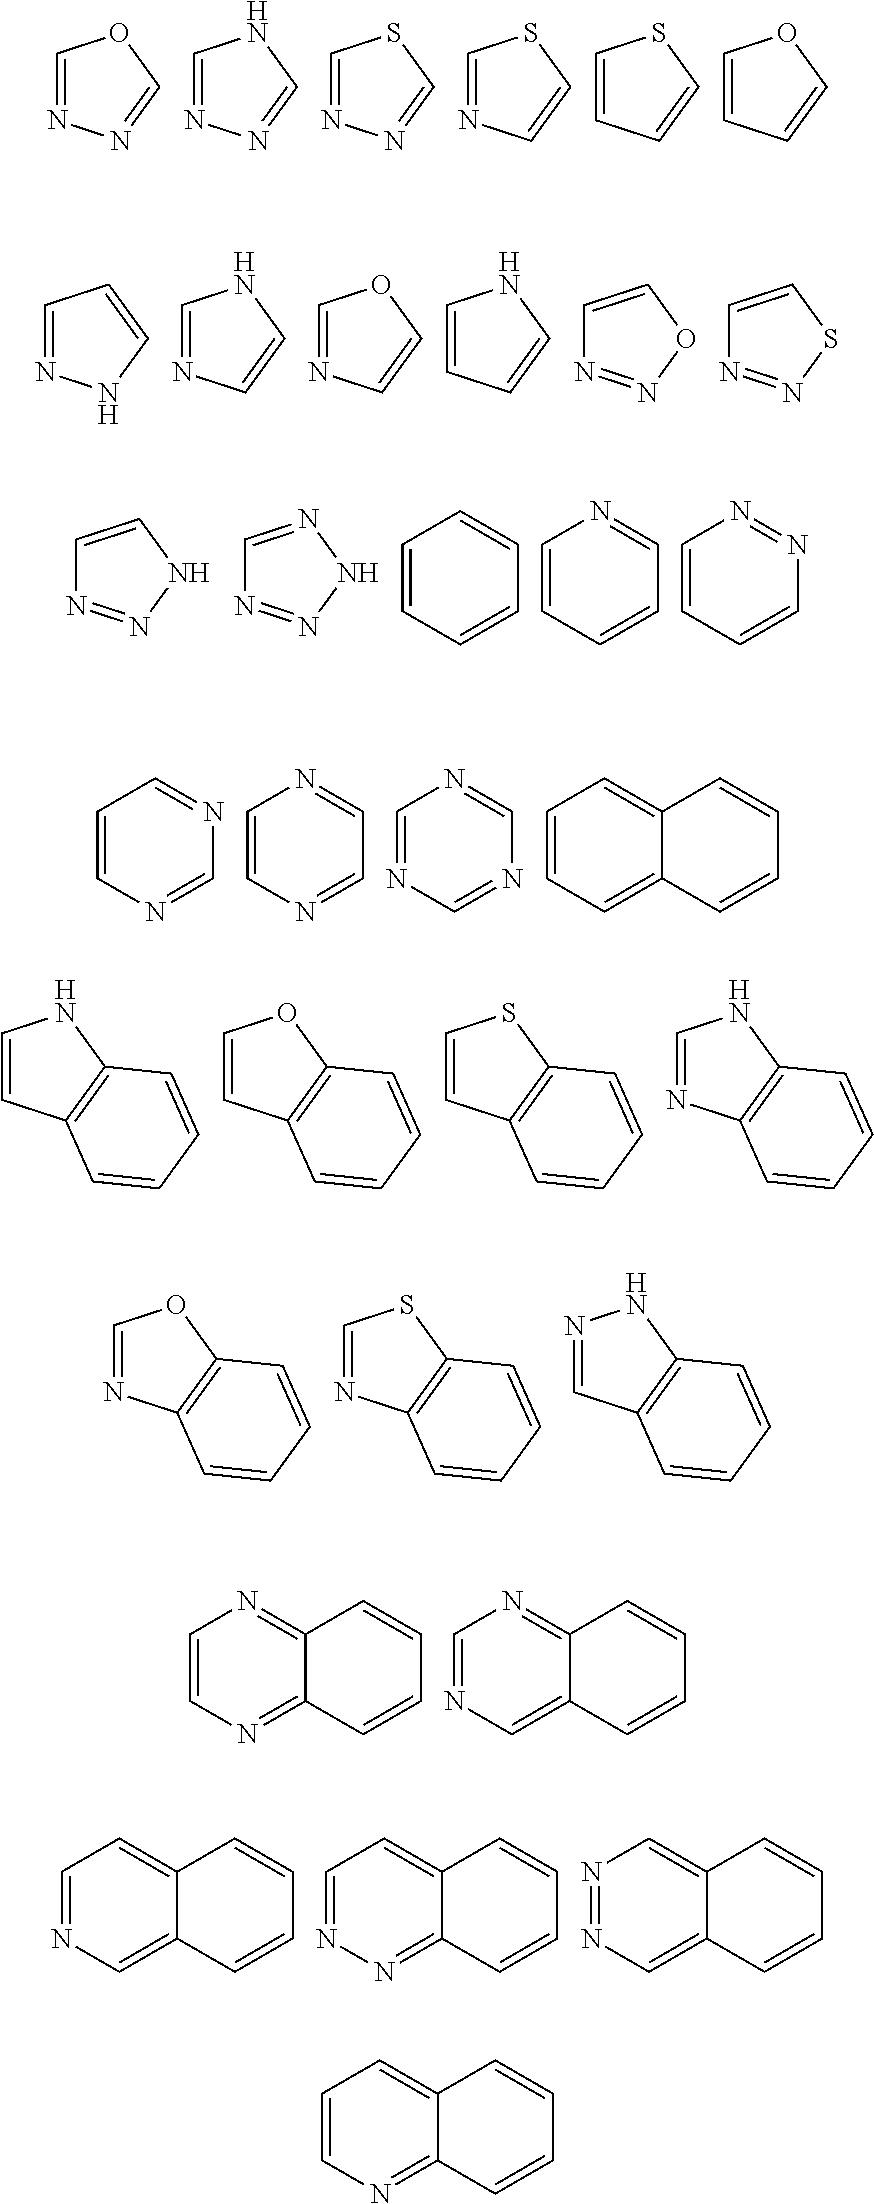 Figure US20180194792A1-20180712-C00020